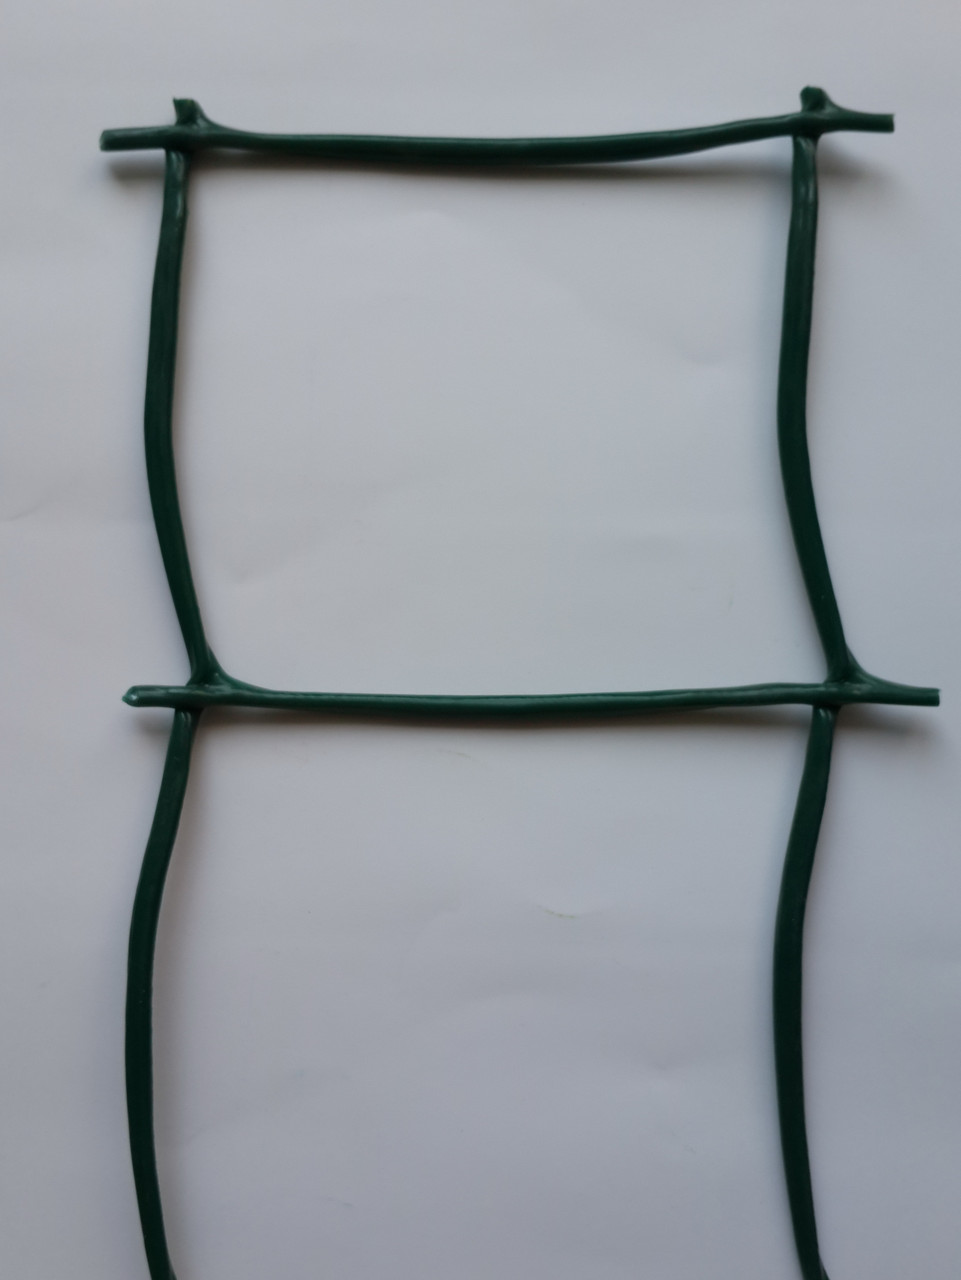 Сітка пластикова декоративна Д 85 Темно-зелена